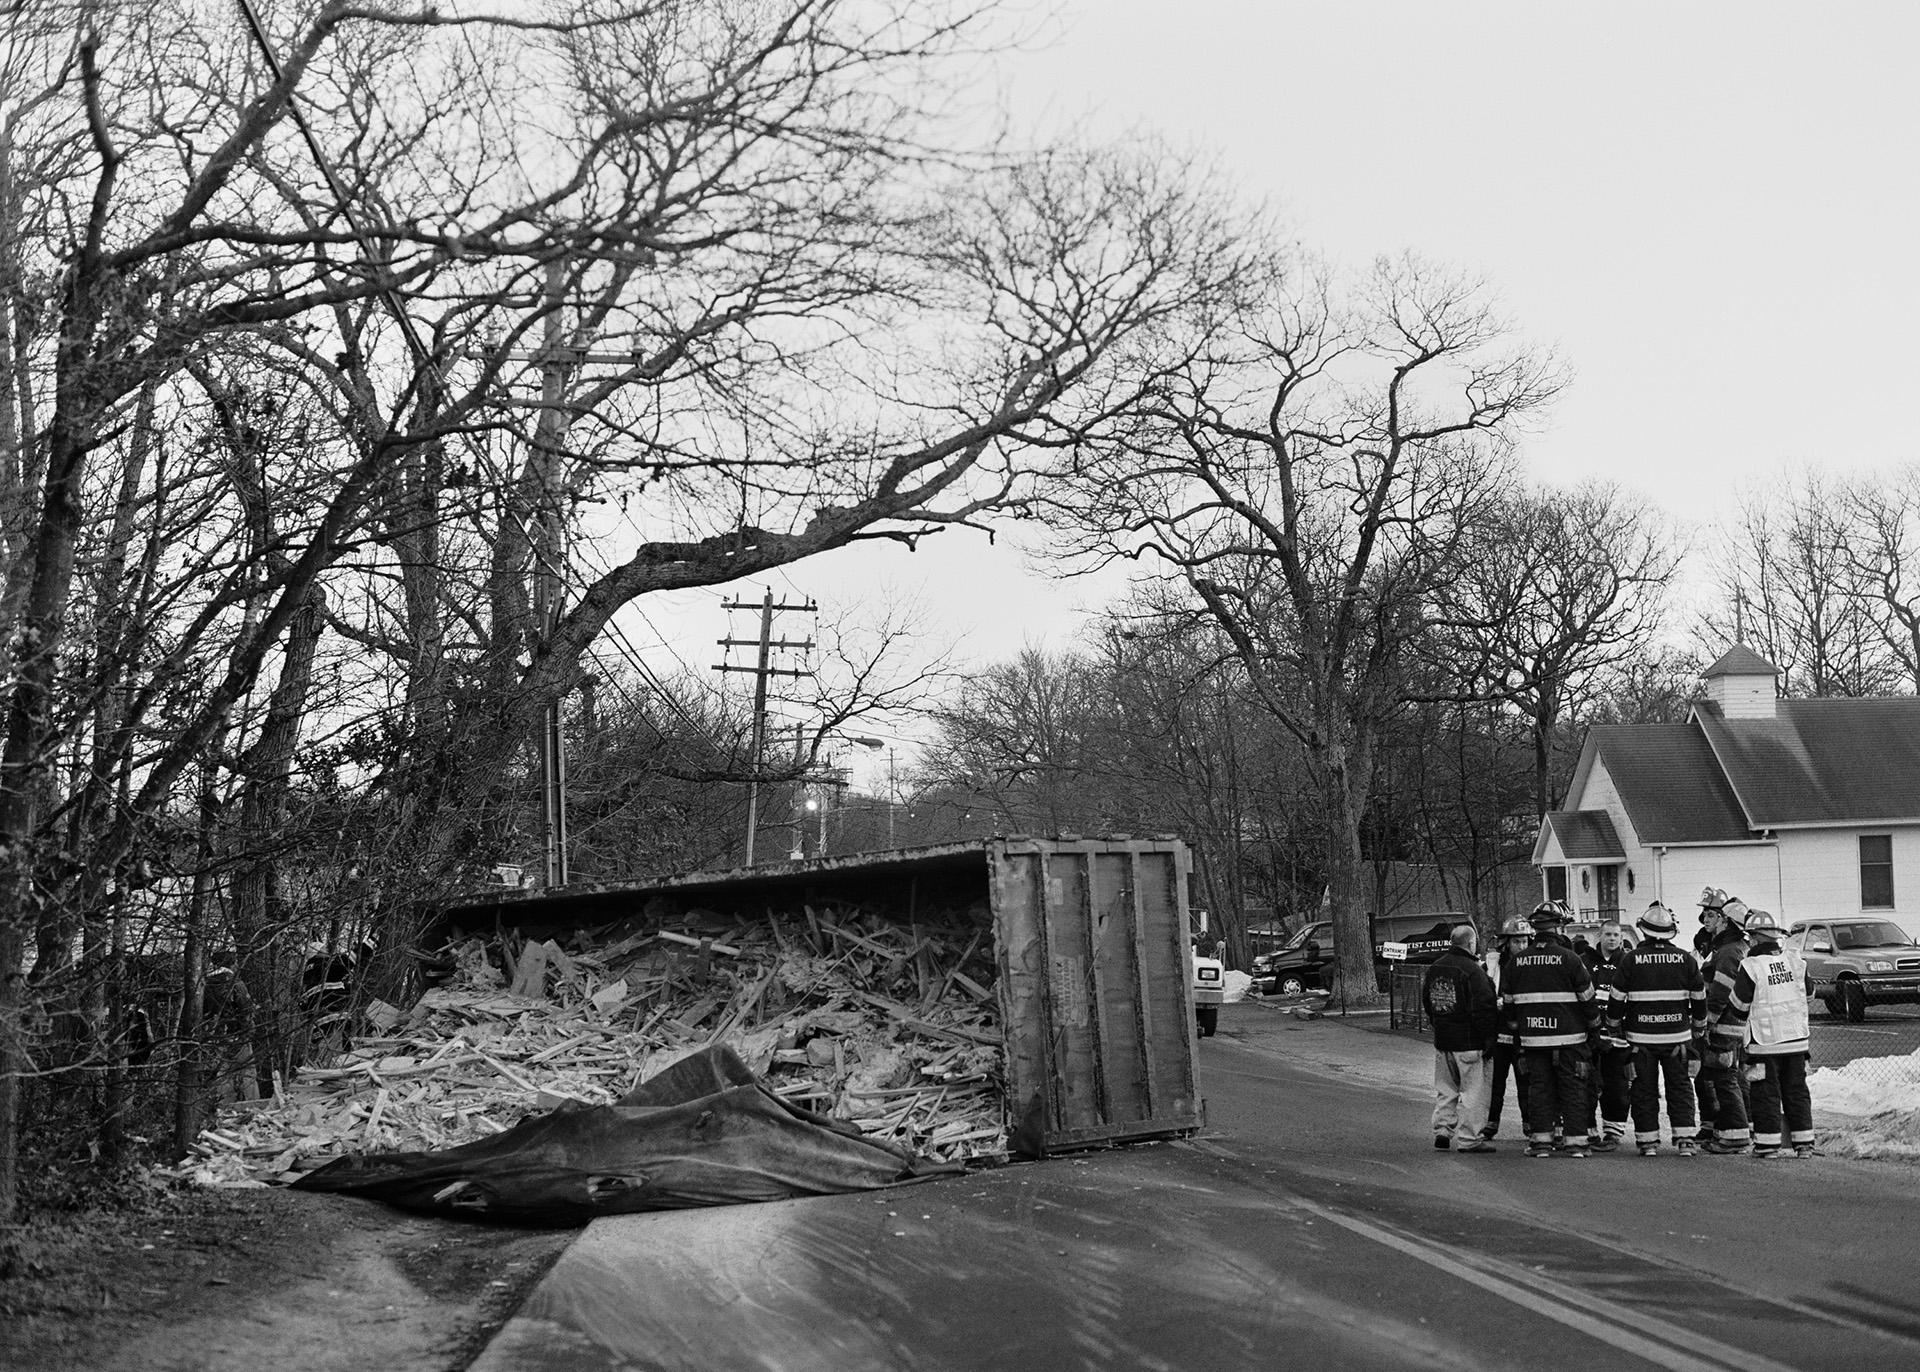 Roadside Accident